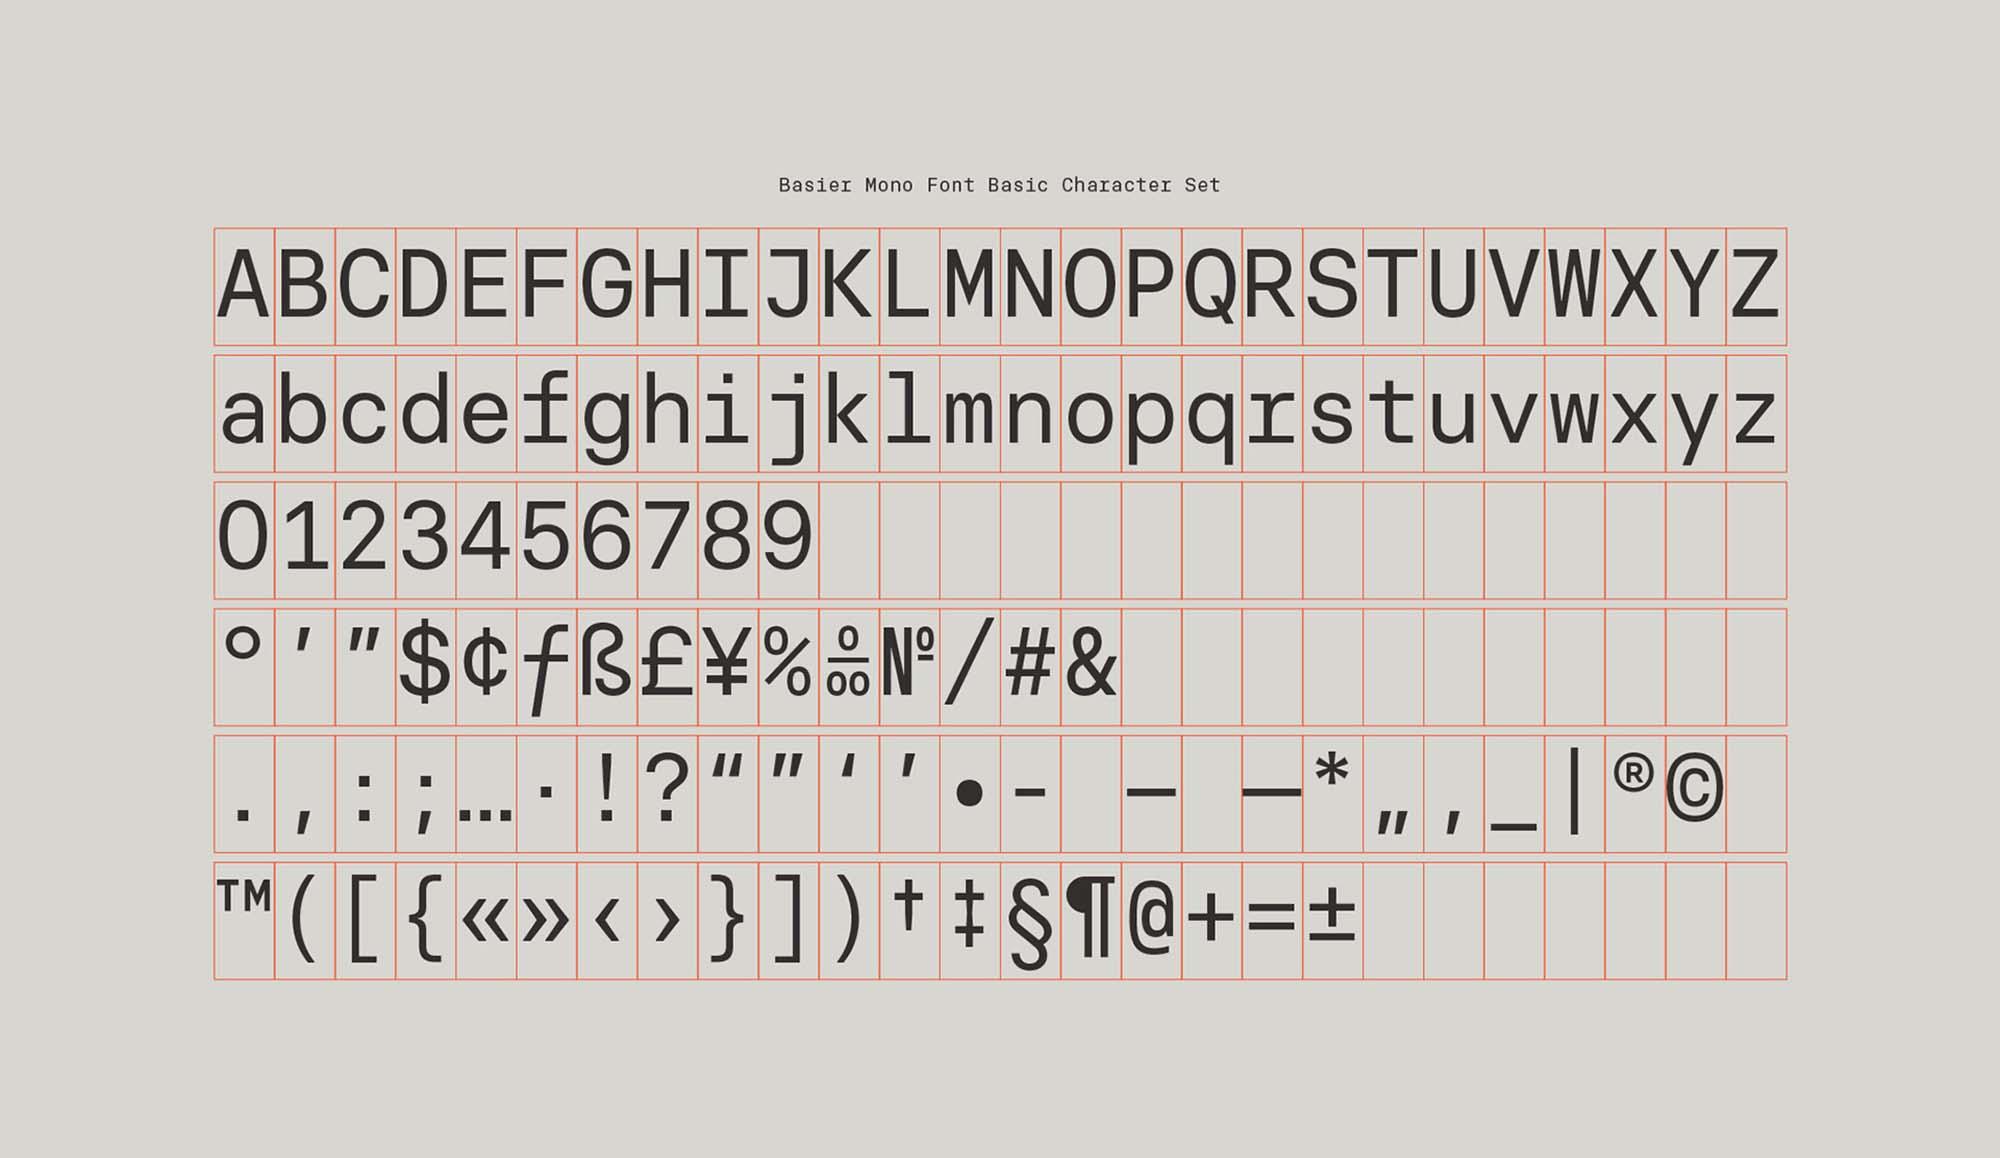 Basier Mono Font 3